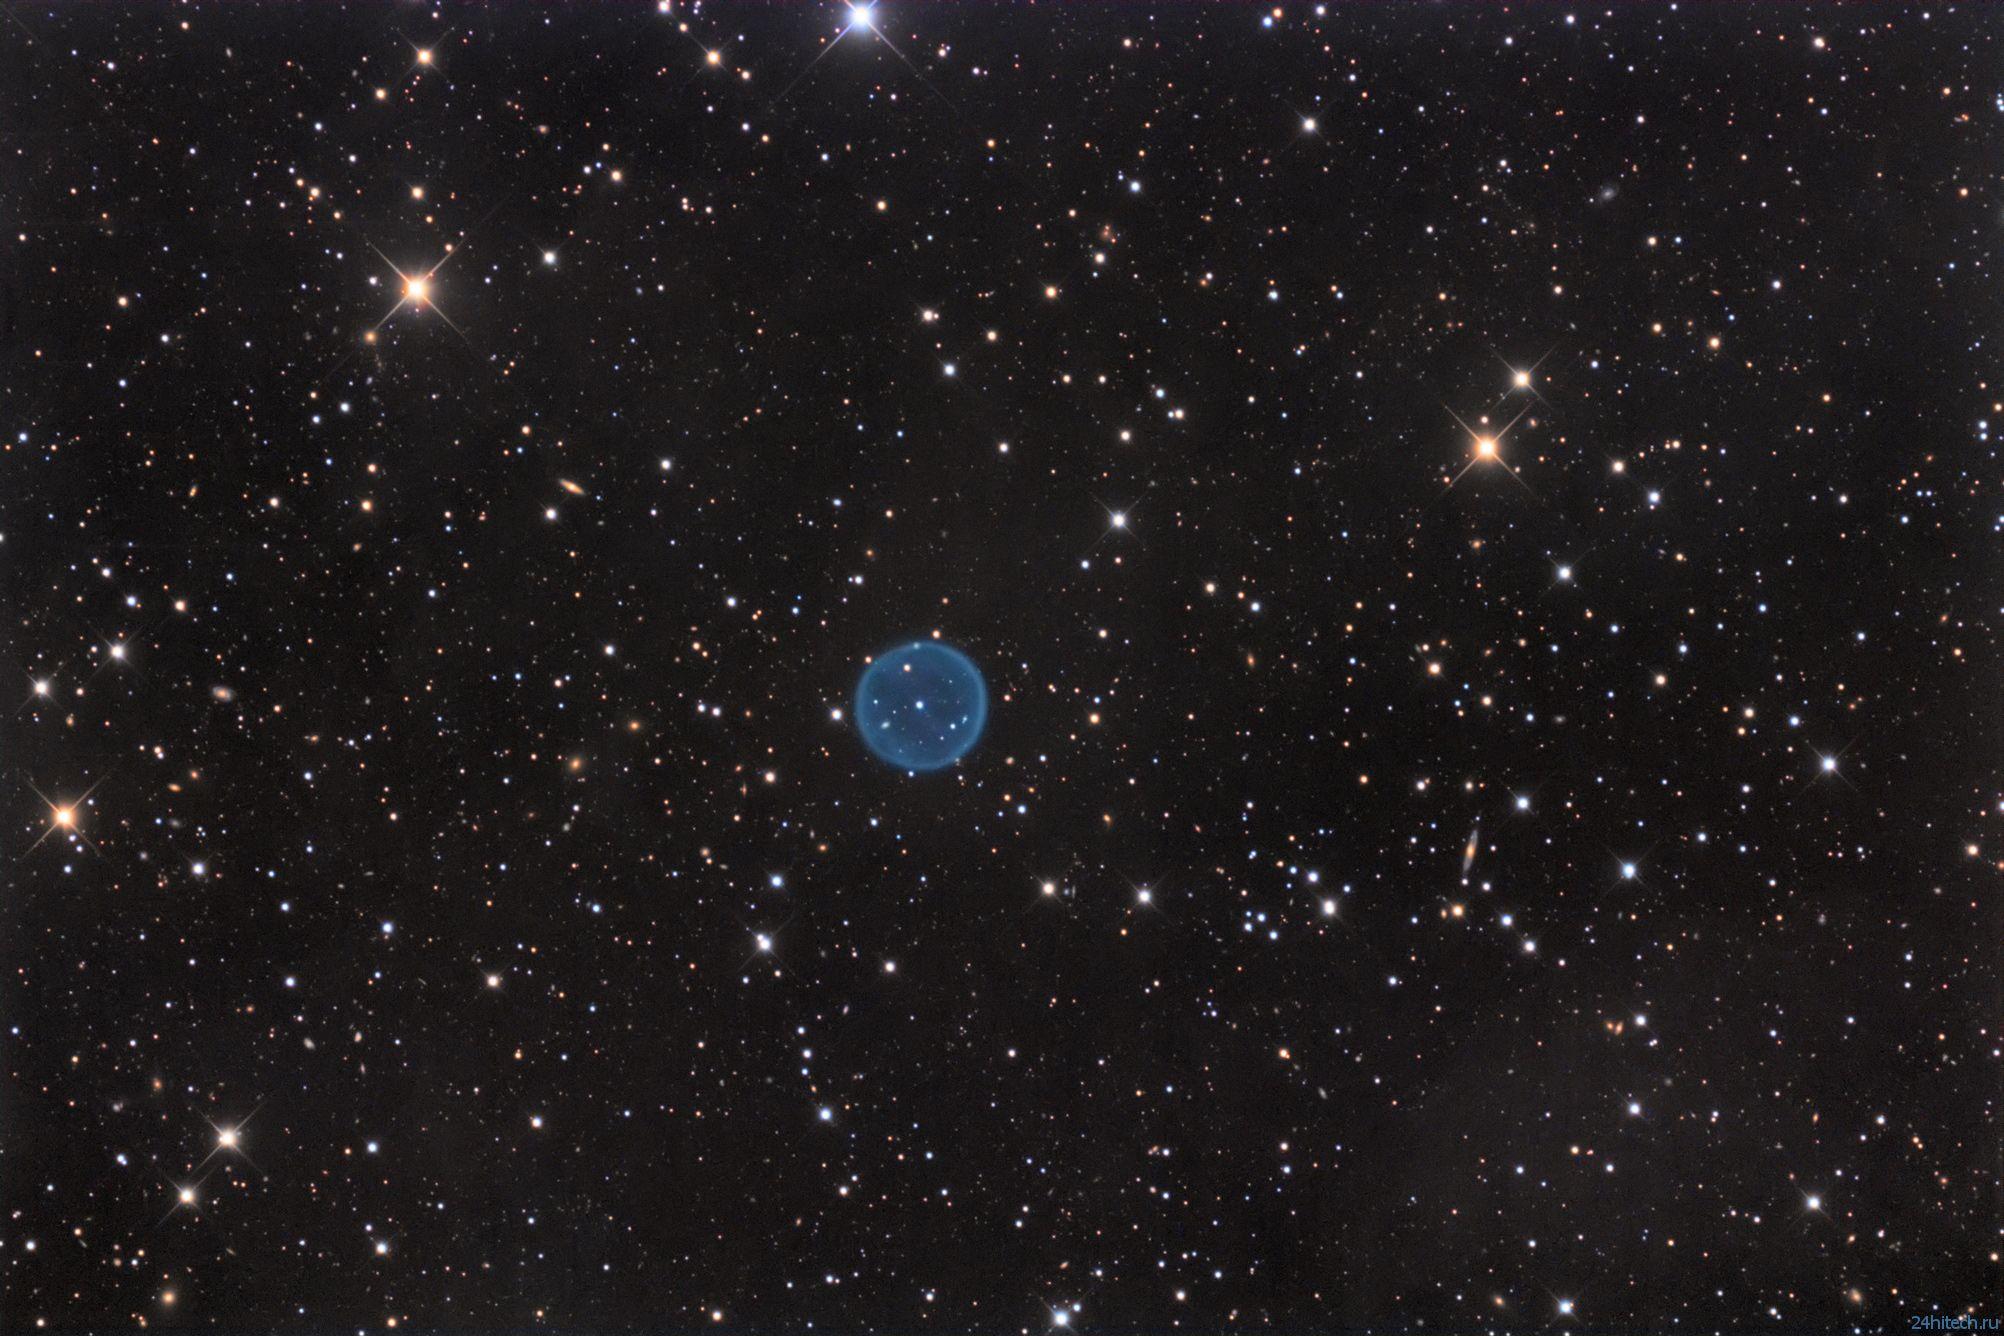 Астрофотограф-ветеран сделал супер-фото планетарной туманности